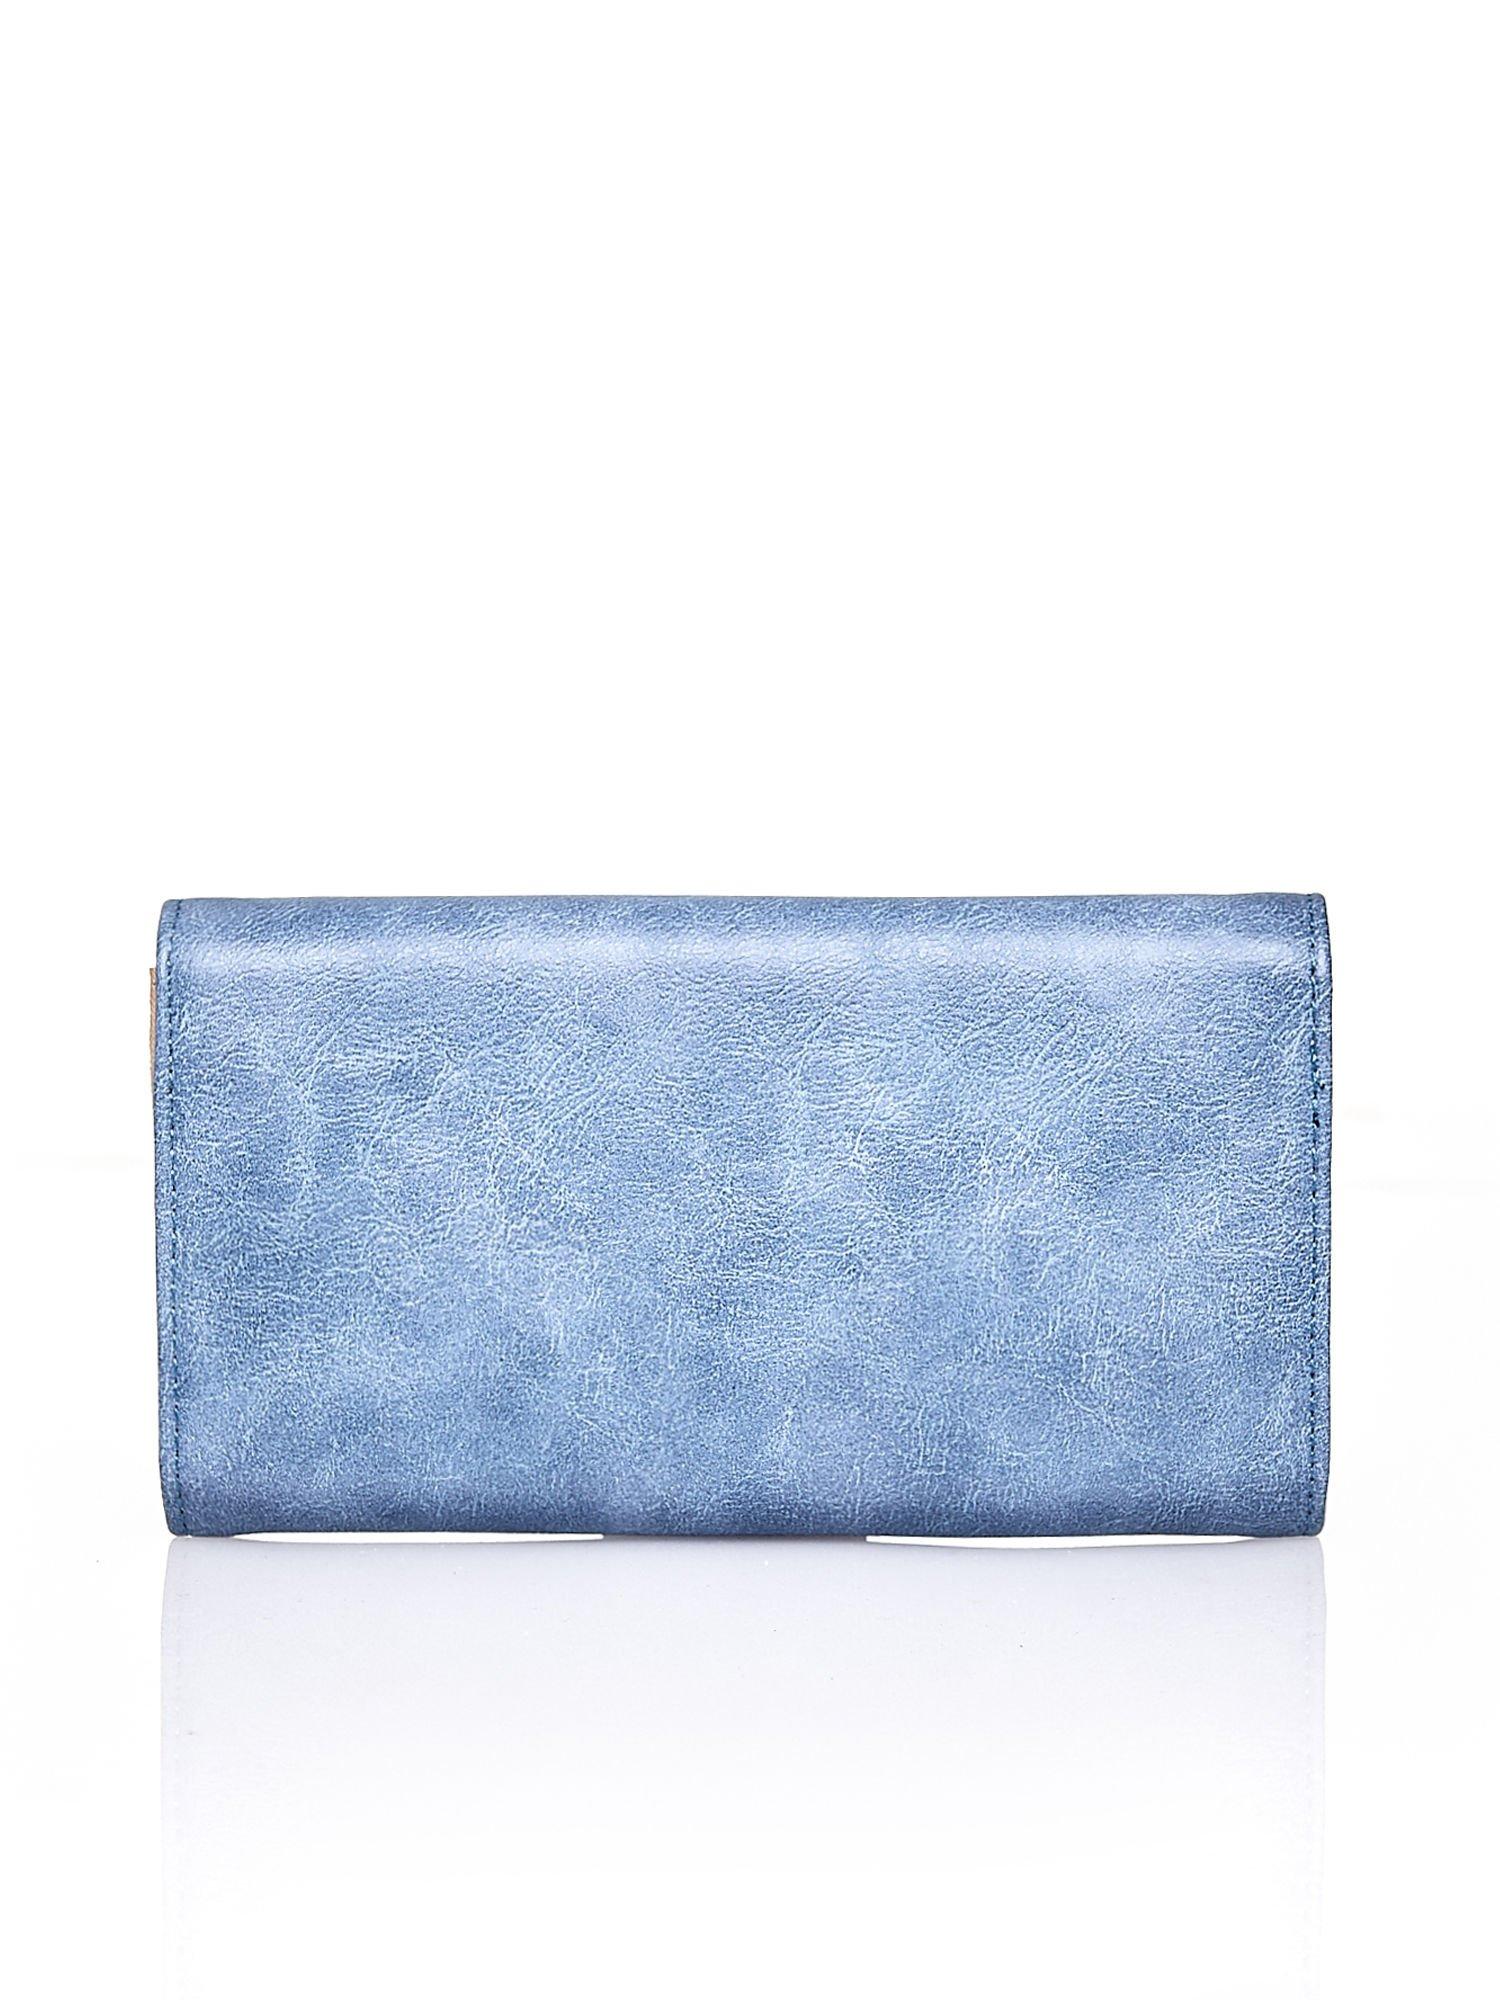 Niebieski portfel z zapięciem na magnes                                  zdj.                                  2